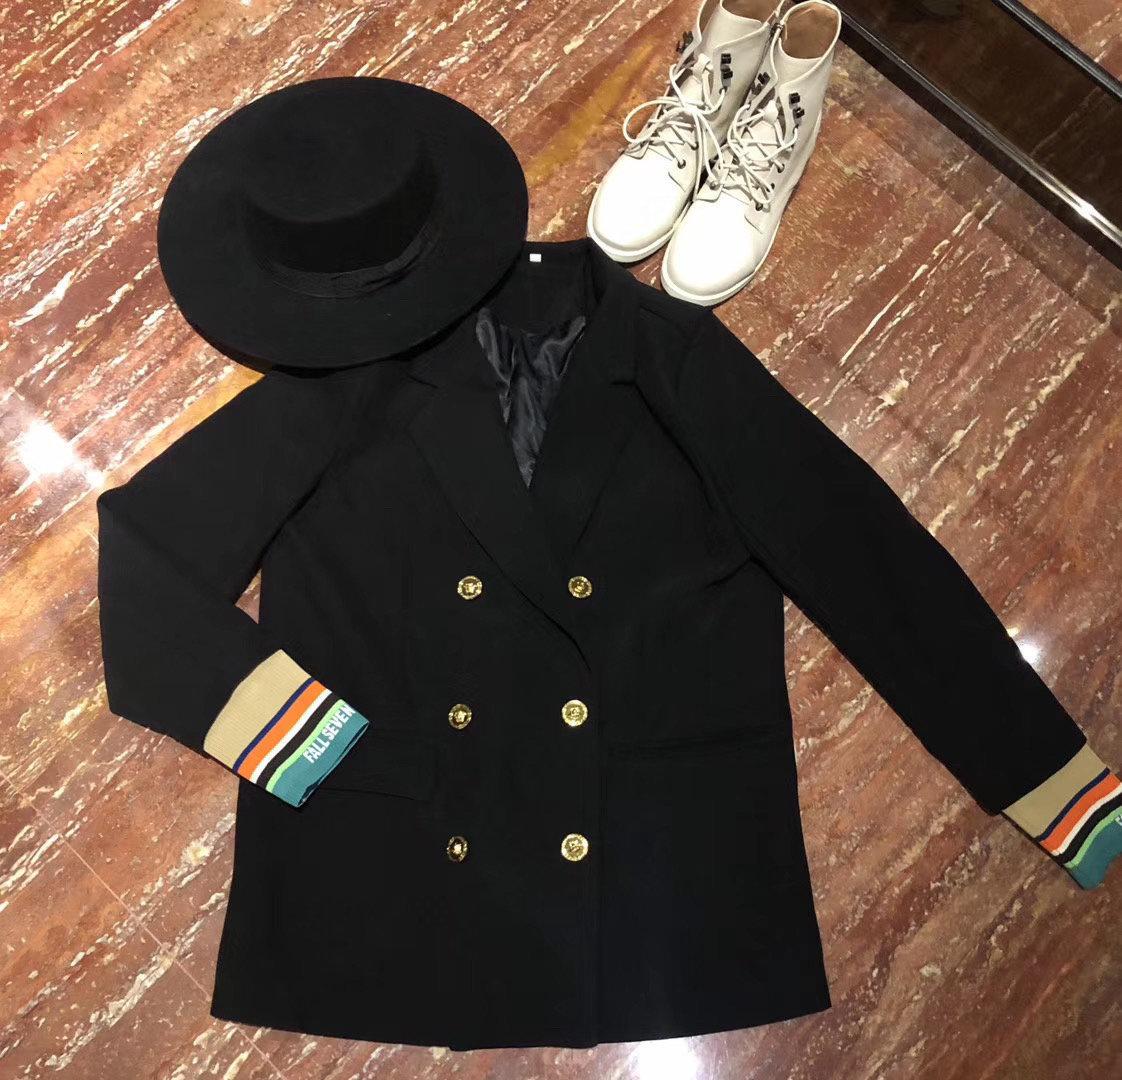 femmes manteau coupe-vent des femmes des longues survêtement femme section blazers impression personnalité Casual classique taille plus nouveau style Nouveautés